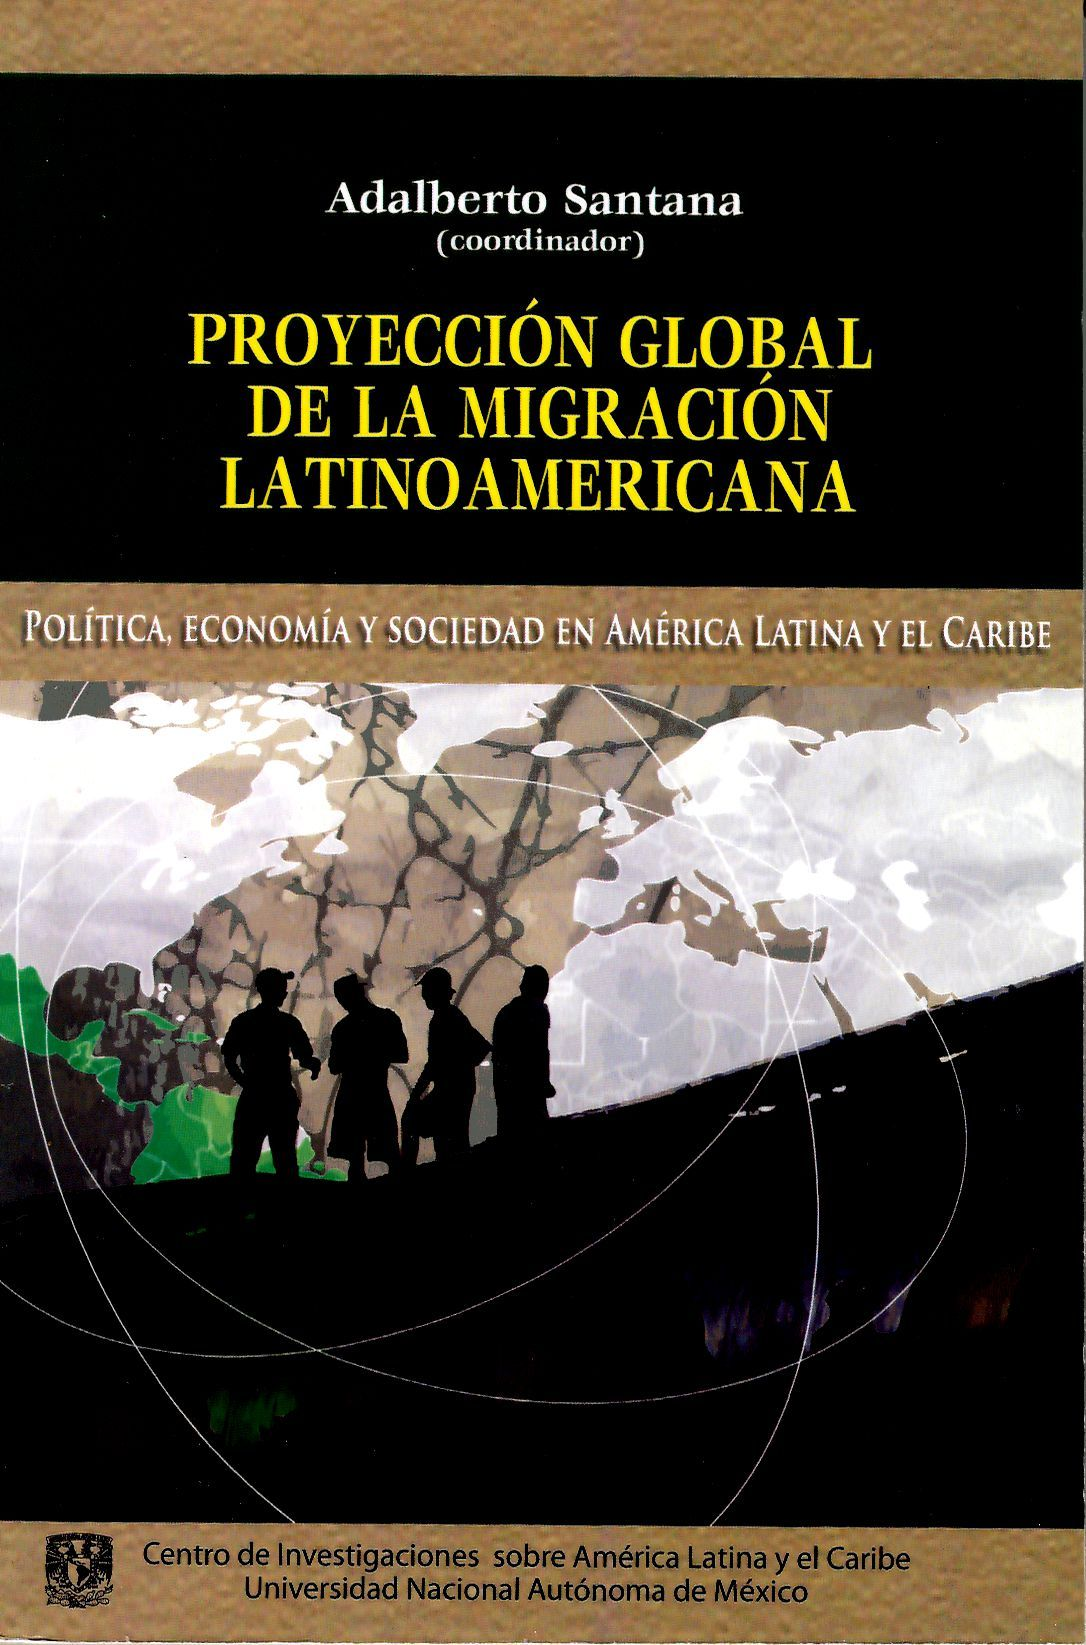 Proyeccion global de la migración latinoamericana